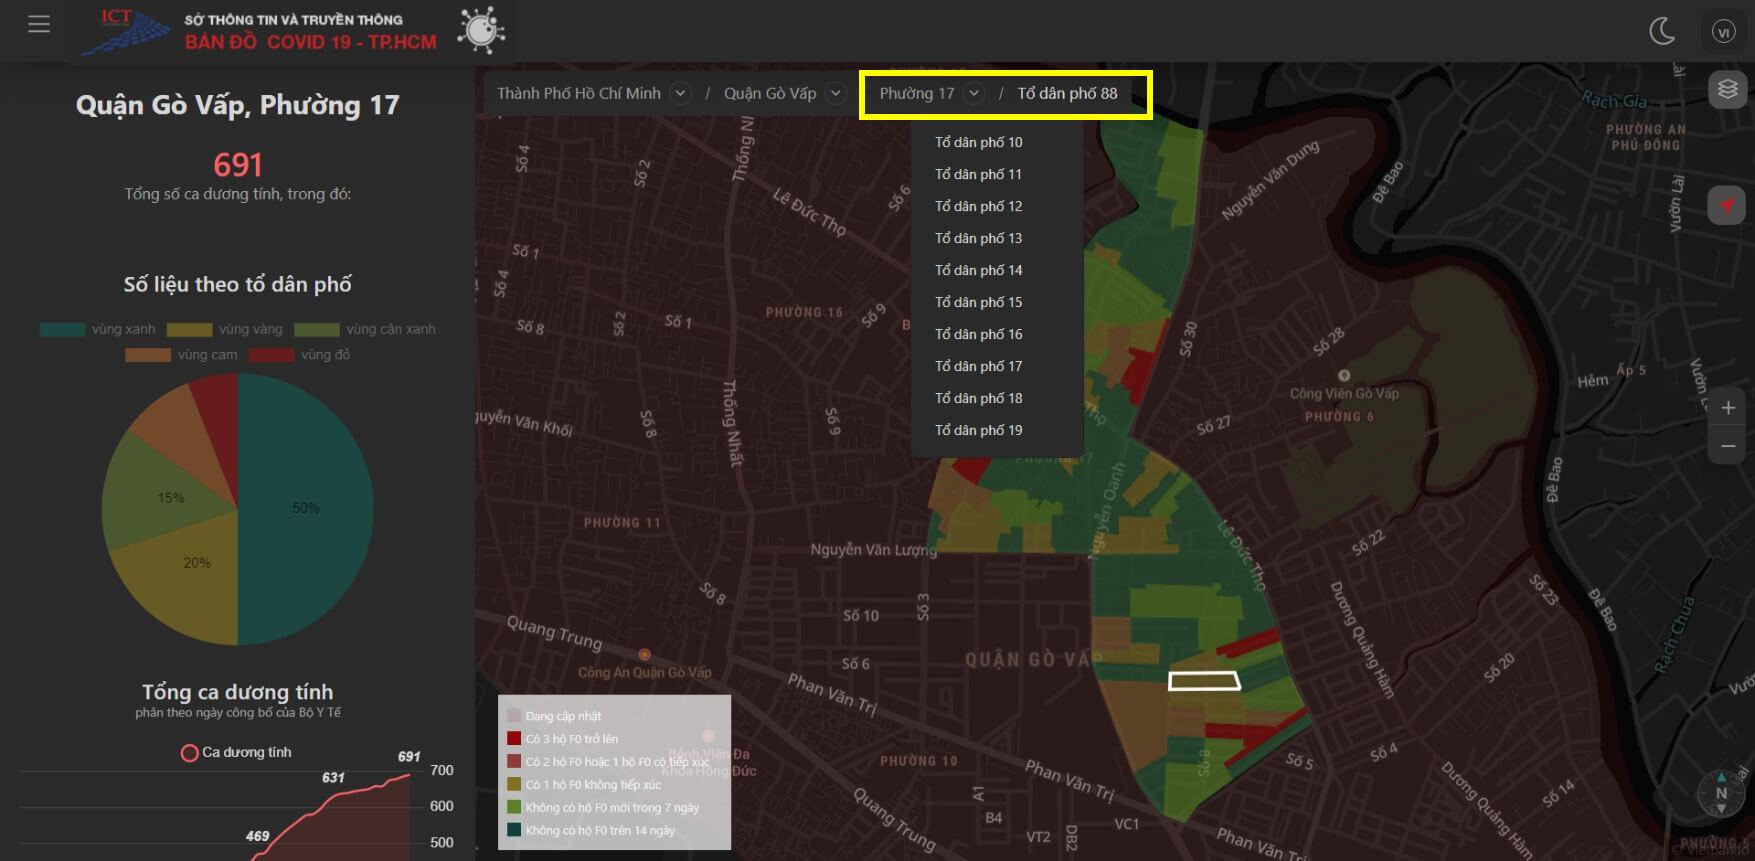 Làm sao biết khu vực mình thuộc vùng xanh hay vùng đỏ?